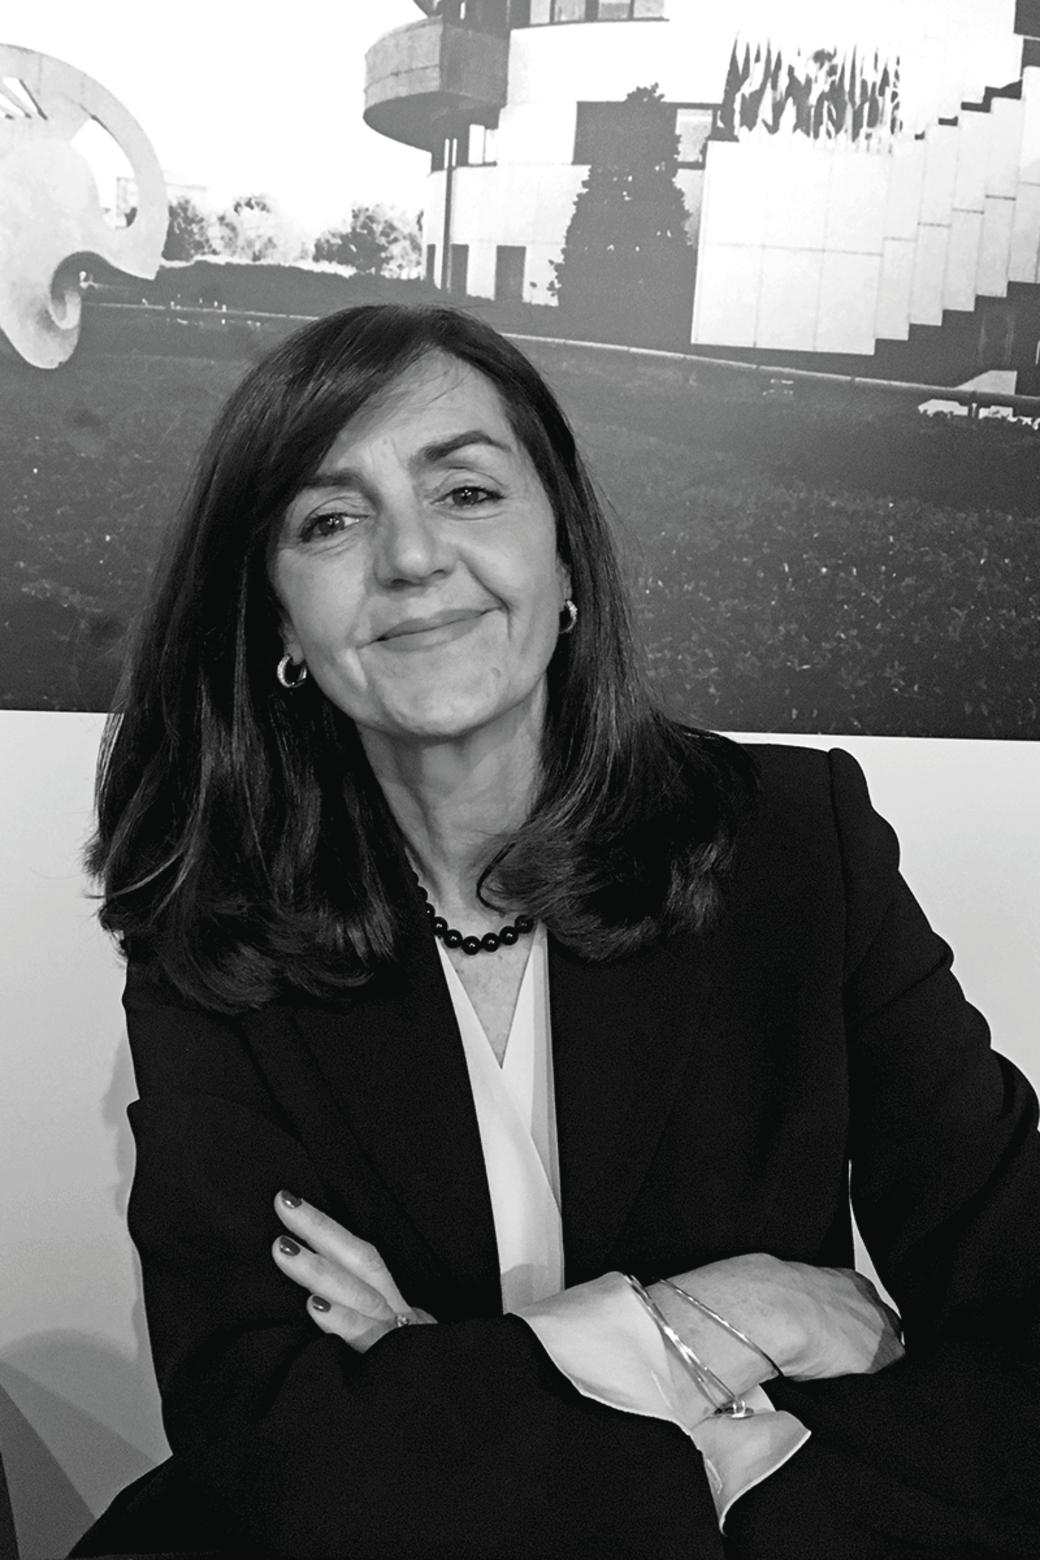 Sonia Farsetti